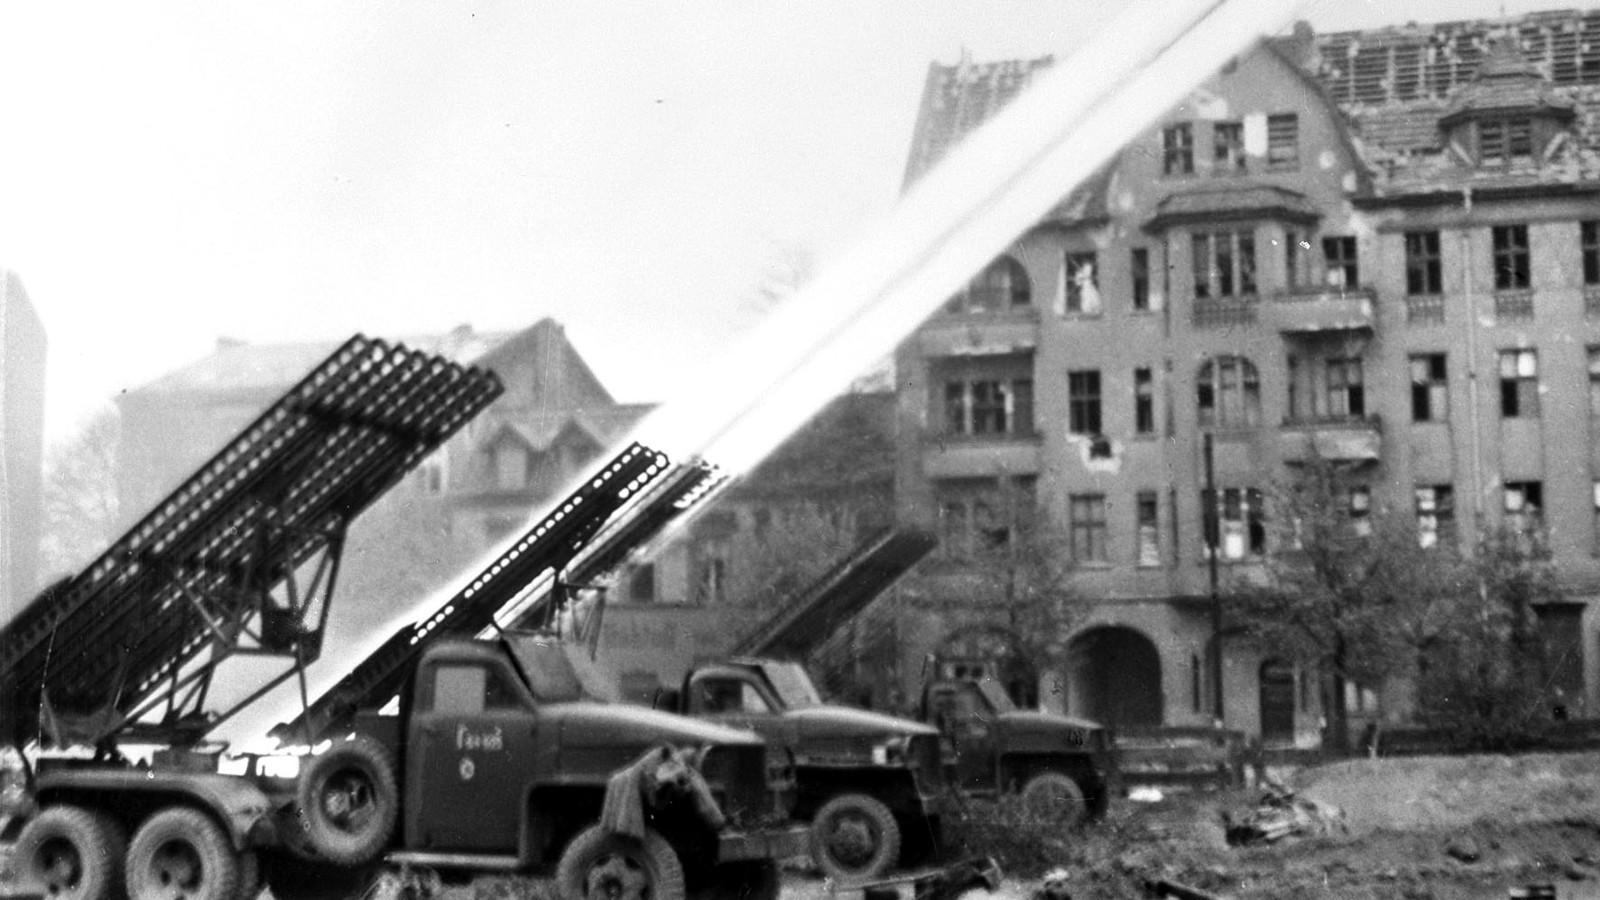 Боевые машины БМ-13 на американских «студебекерах» бьют по Берлину